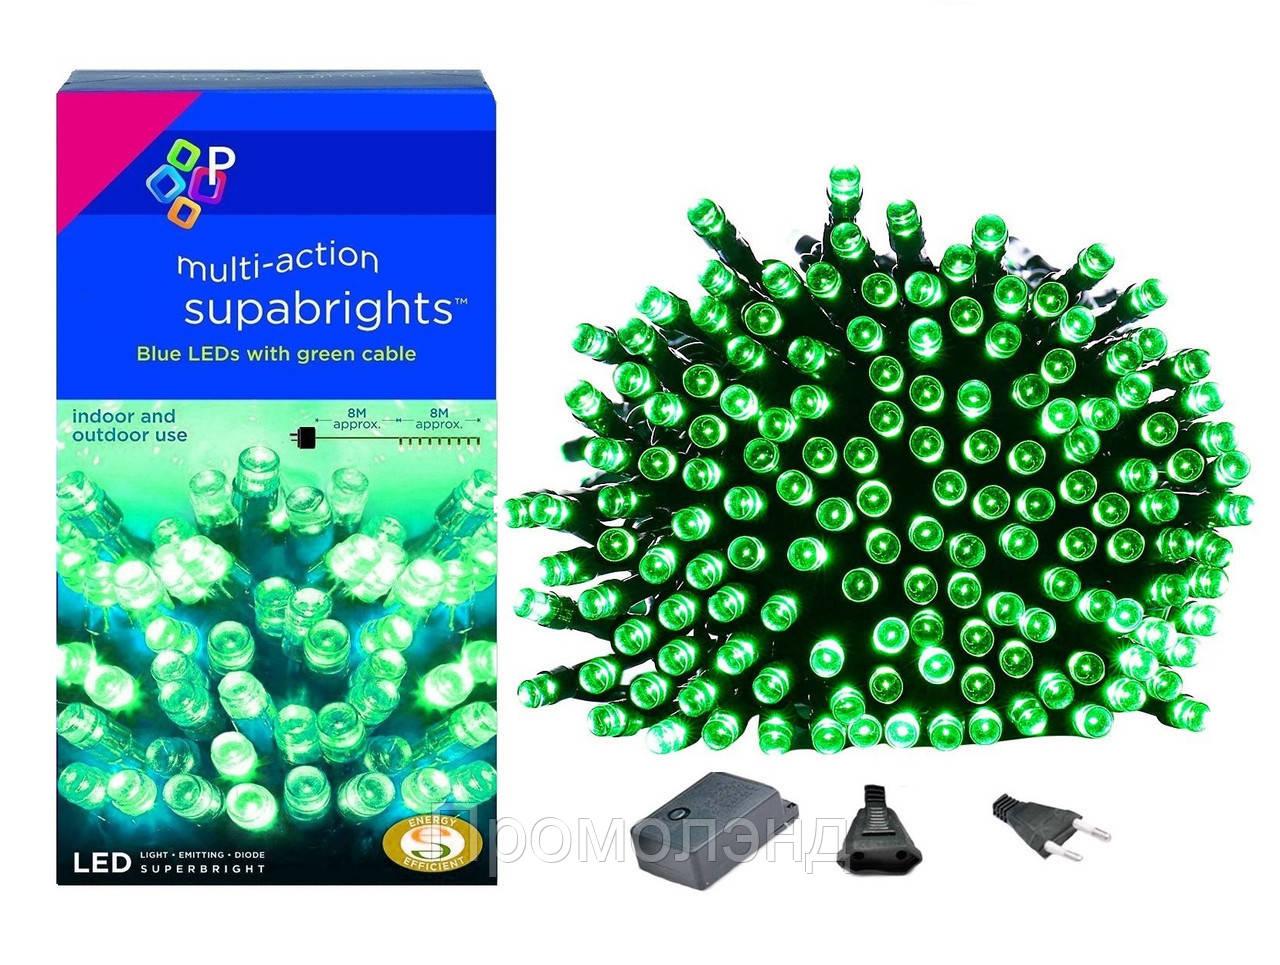 Новорічна гірлянда 300 LED, IP44, Довжина 24 М, Зелений світло